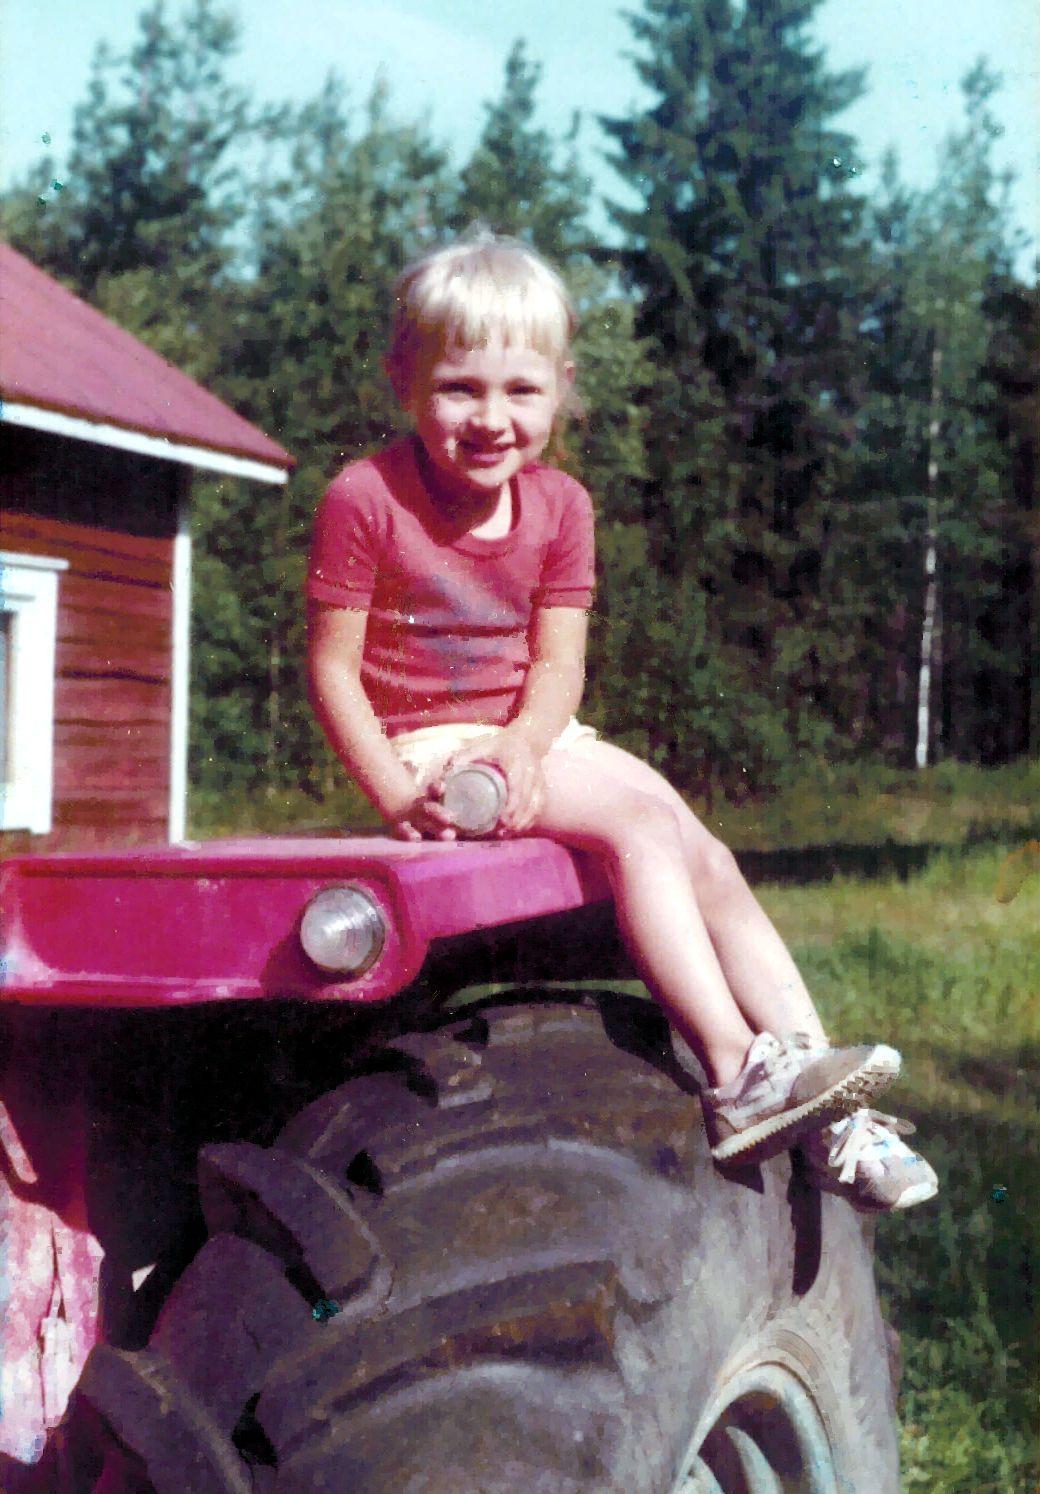 Pieni tyttö istuu traktorin renkaalla.